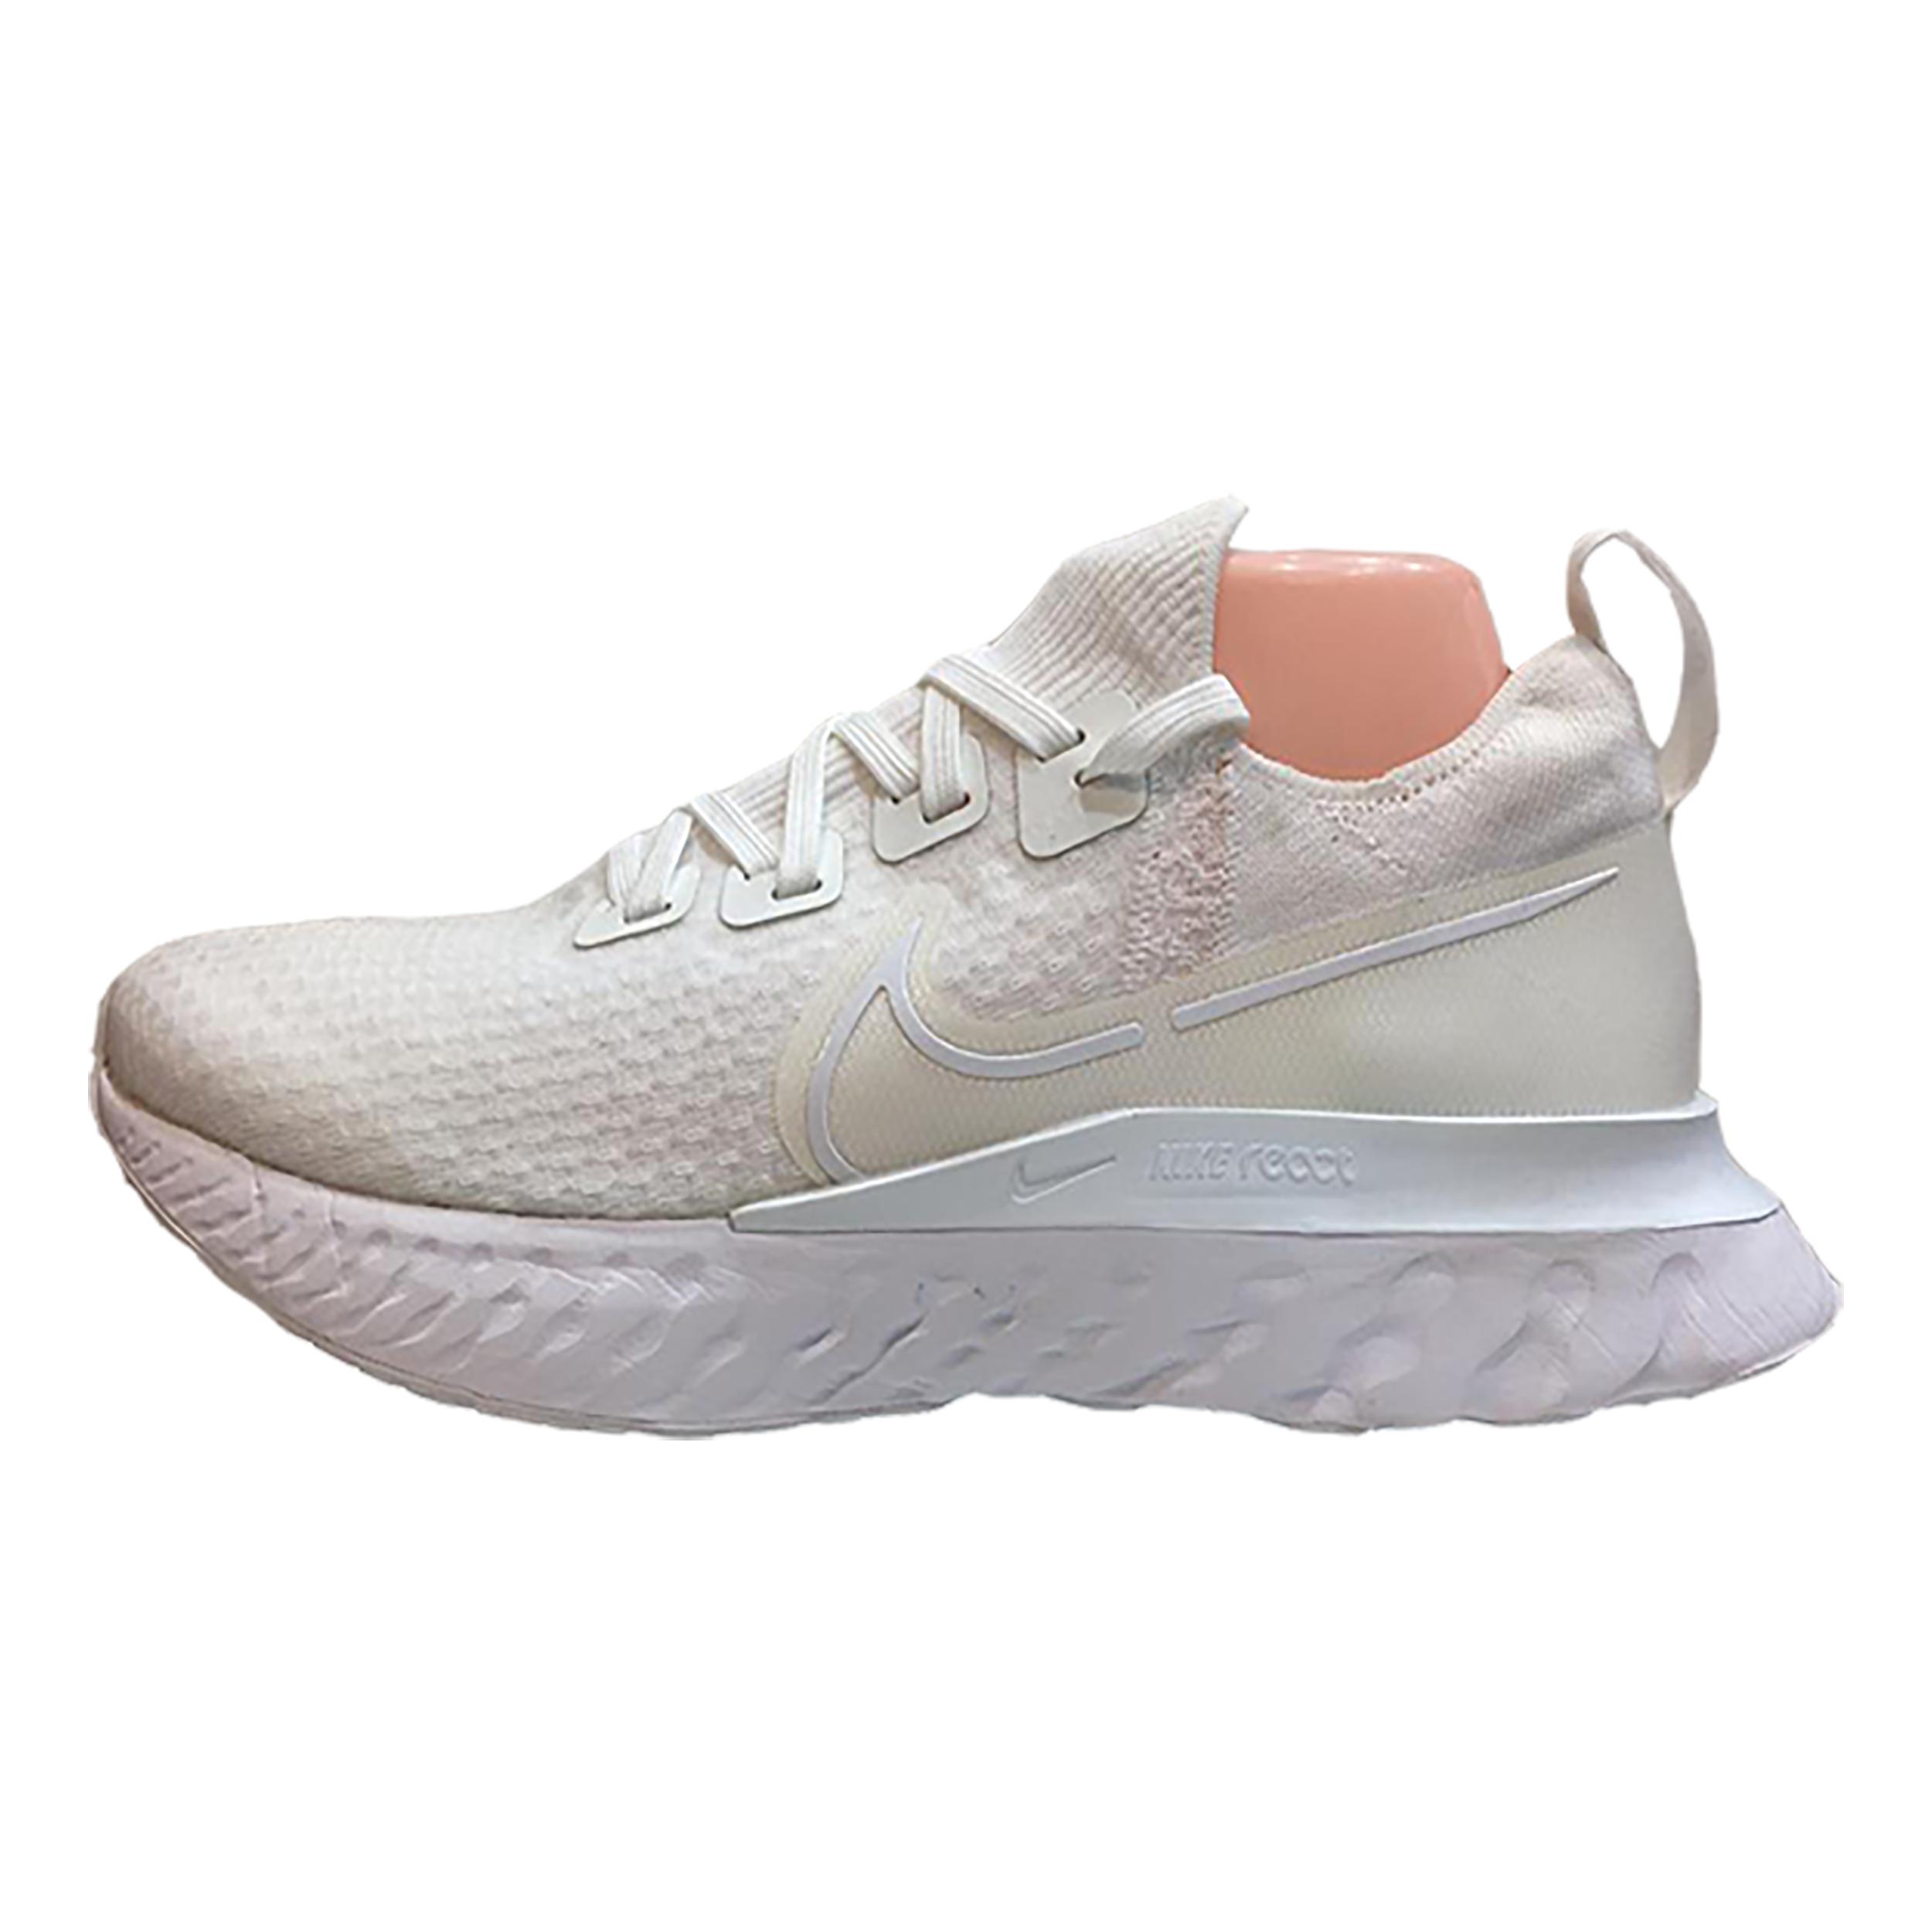 کفش پیاده روی مردانه نایکی مدل REACT             , خرید اینترنتی